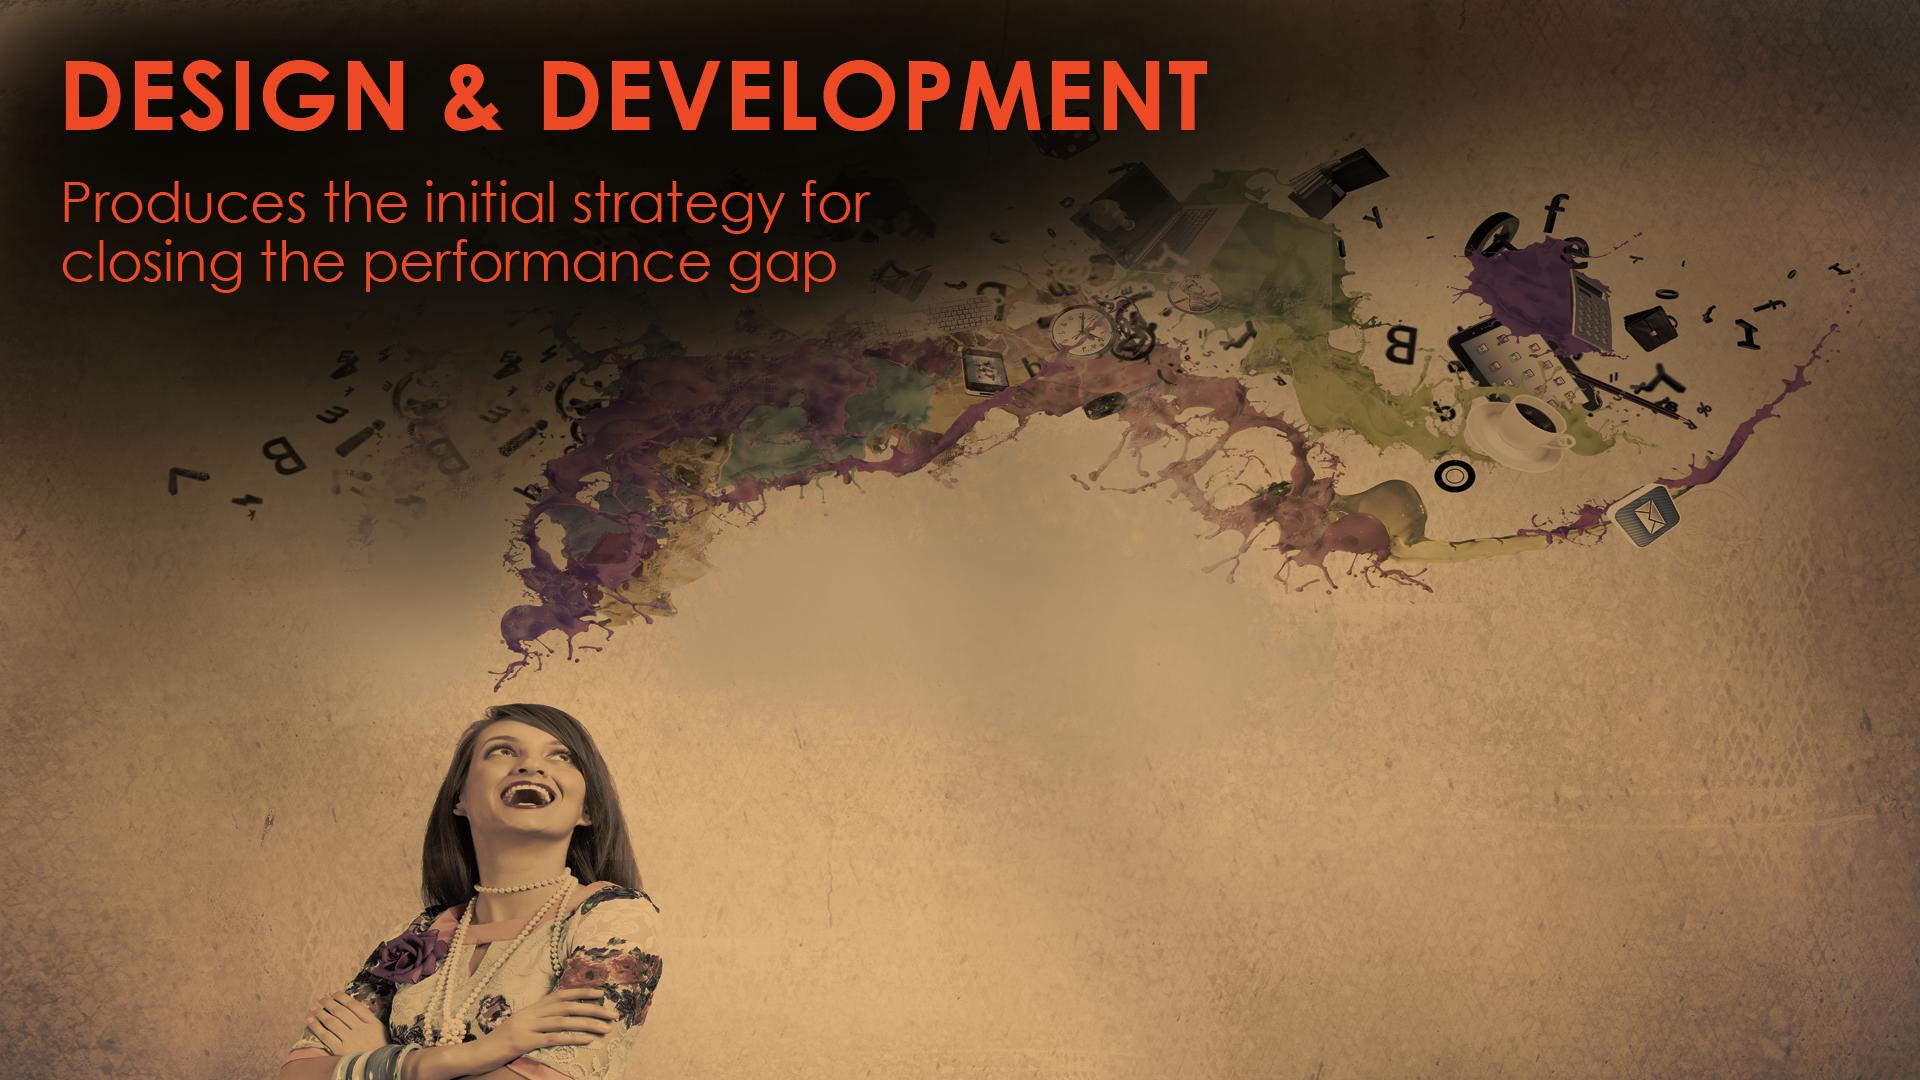 design-and-development-v2.png